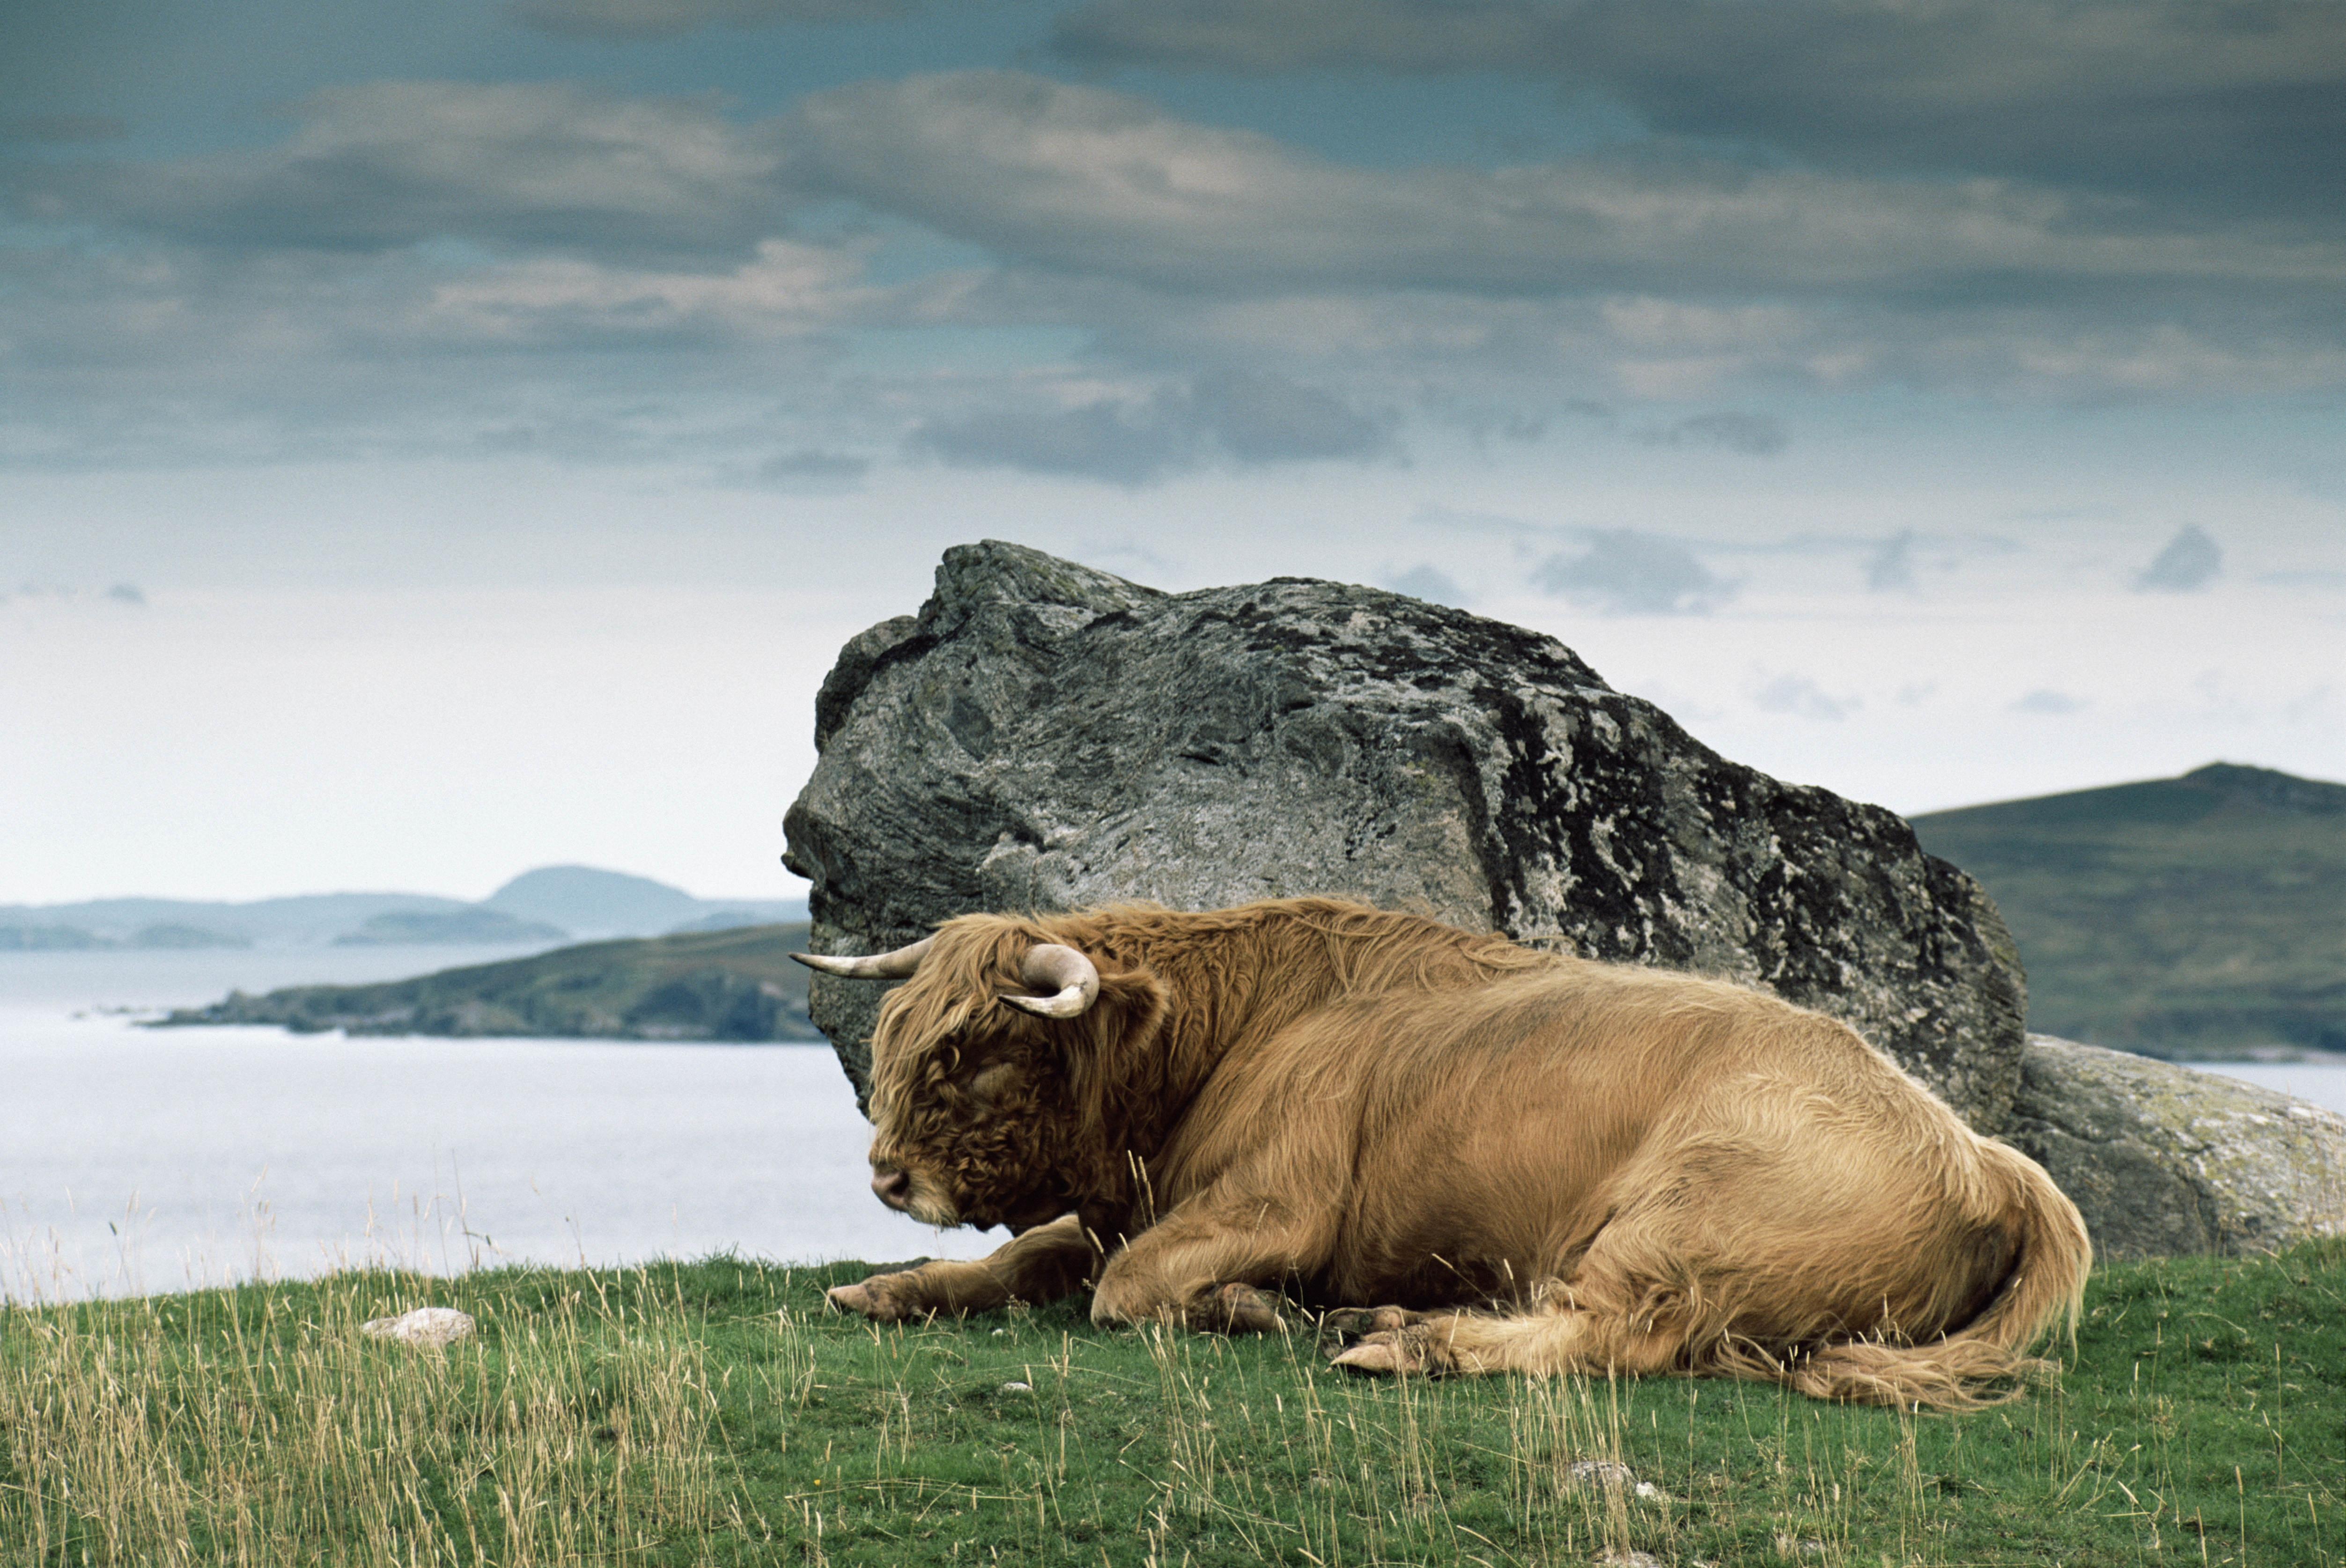 139181 Hintergrundbild herunterladen Tiere, Natur, Stein, Ein Stein, Hörner, Bison, Auerochse - Bildschirmschoner und Bilder kostenlos